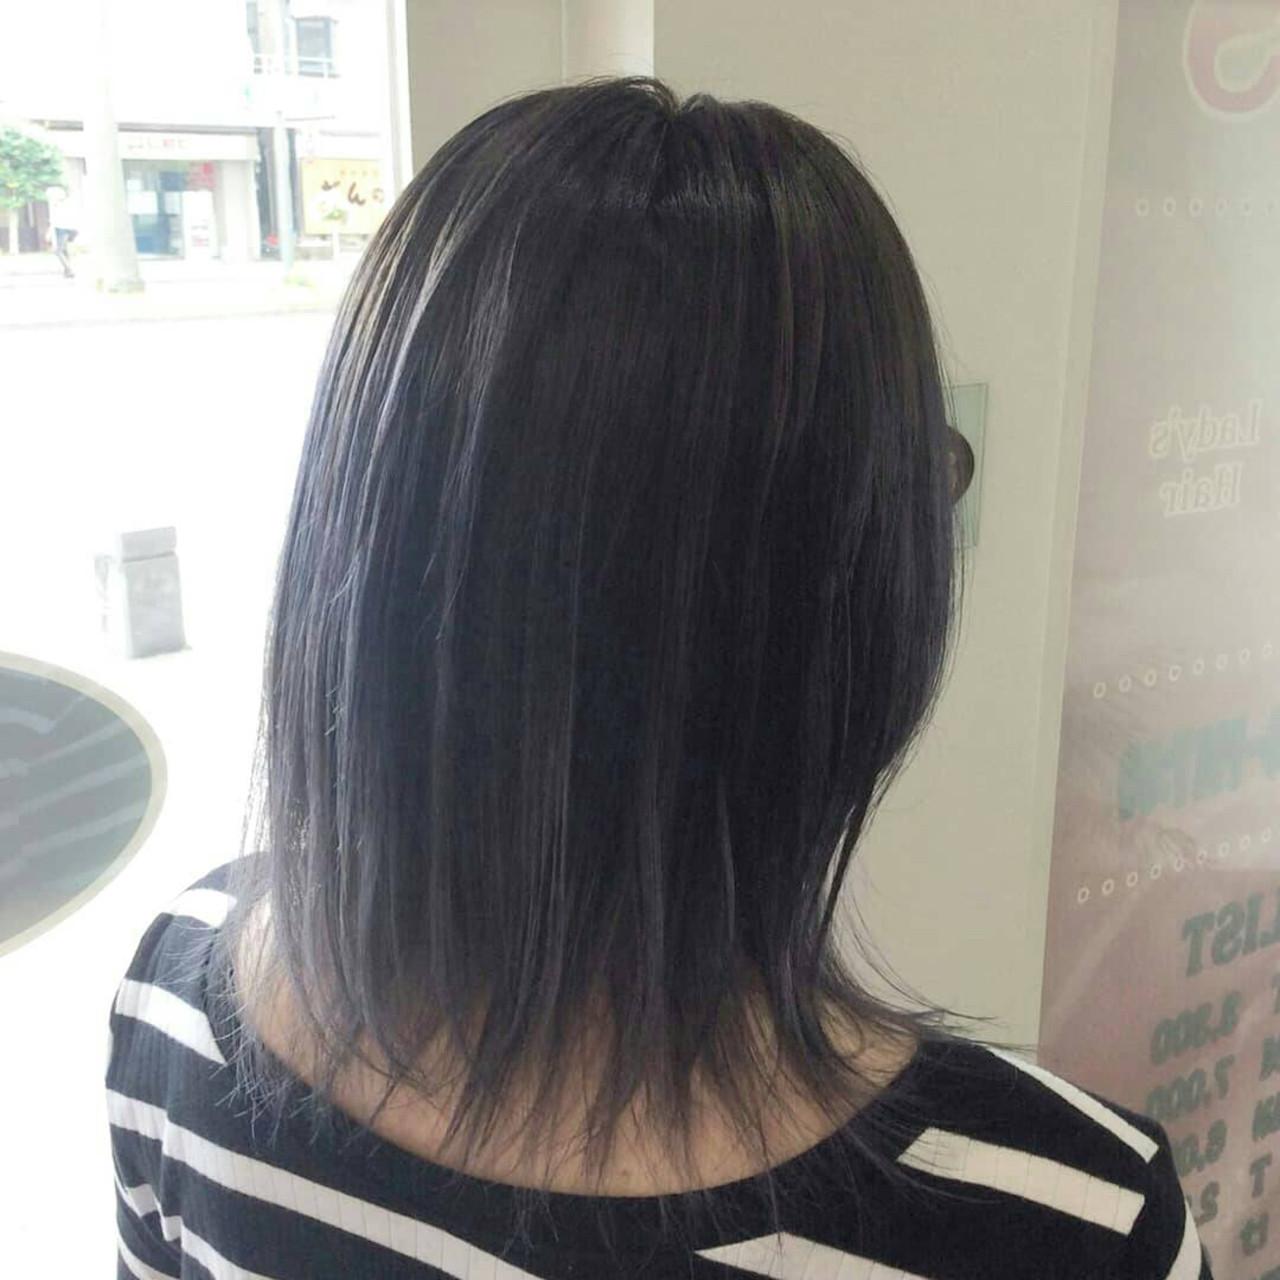 グラデーションカラー ダブルカラー ミディアム モード ヘアスタイルや髪型の写真・画像 | rumiLINKS美容室 / リンクス美容室